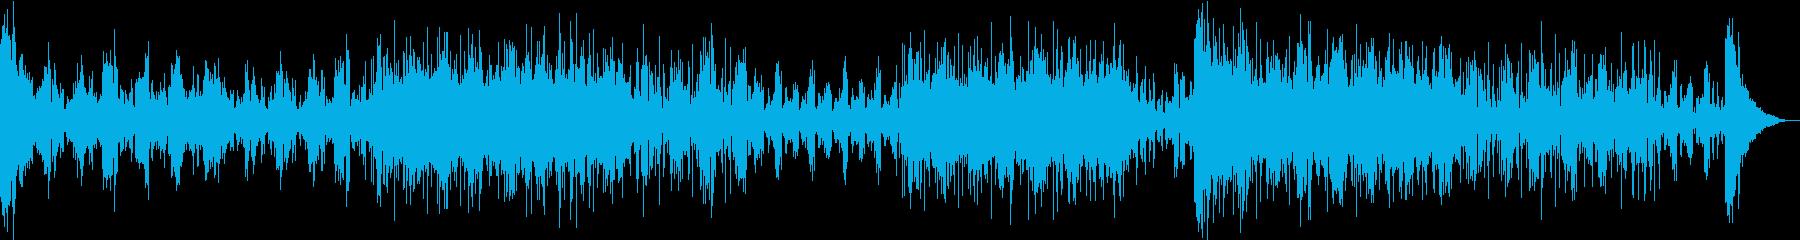 ひんやりした雰囲気のテクノBGMの再生済みの波形